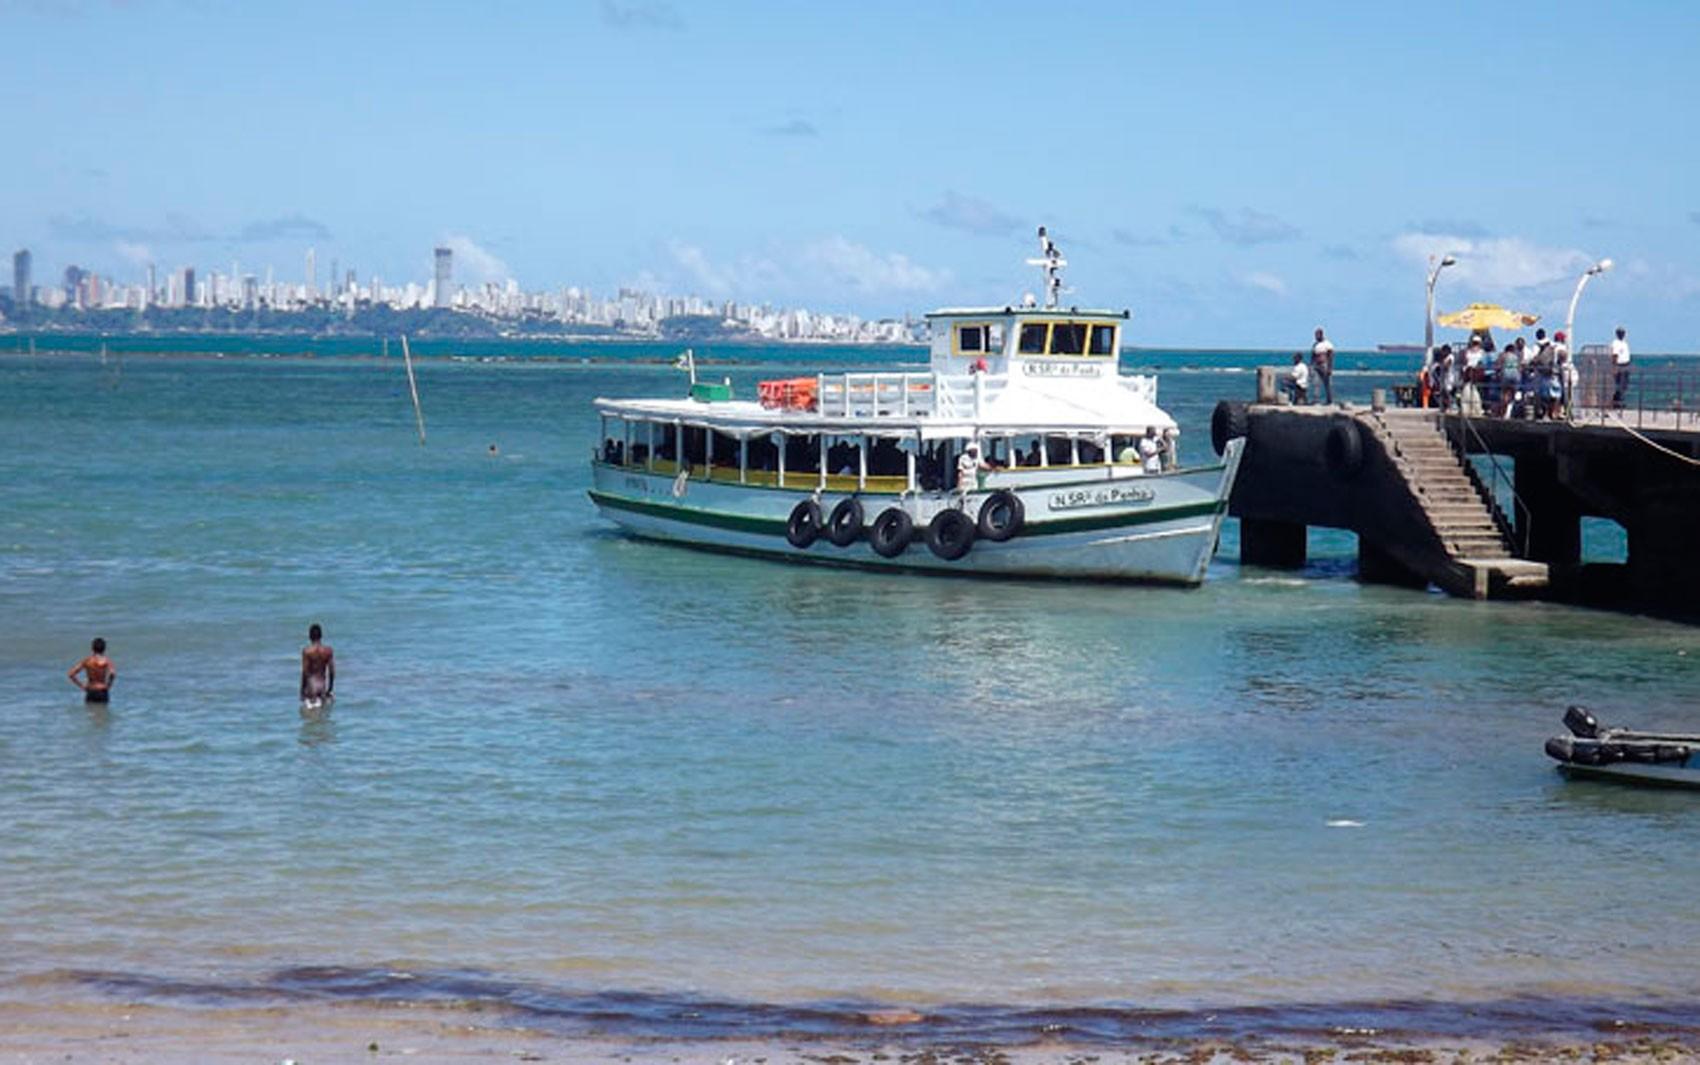 Travessia Salvador-Mar Grande faz parada de 1h30 por causa da maré baixa nesta segunda-feira